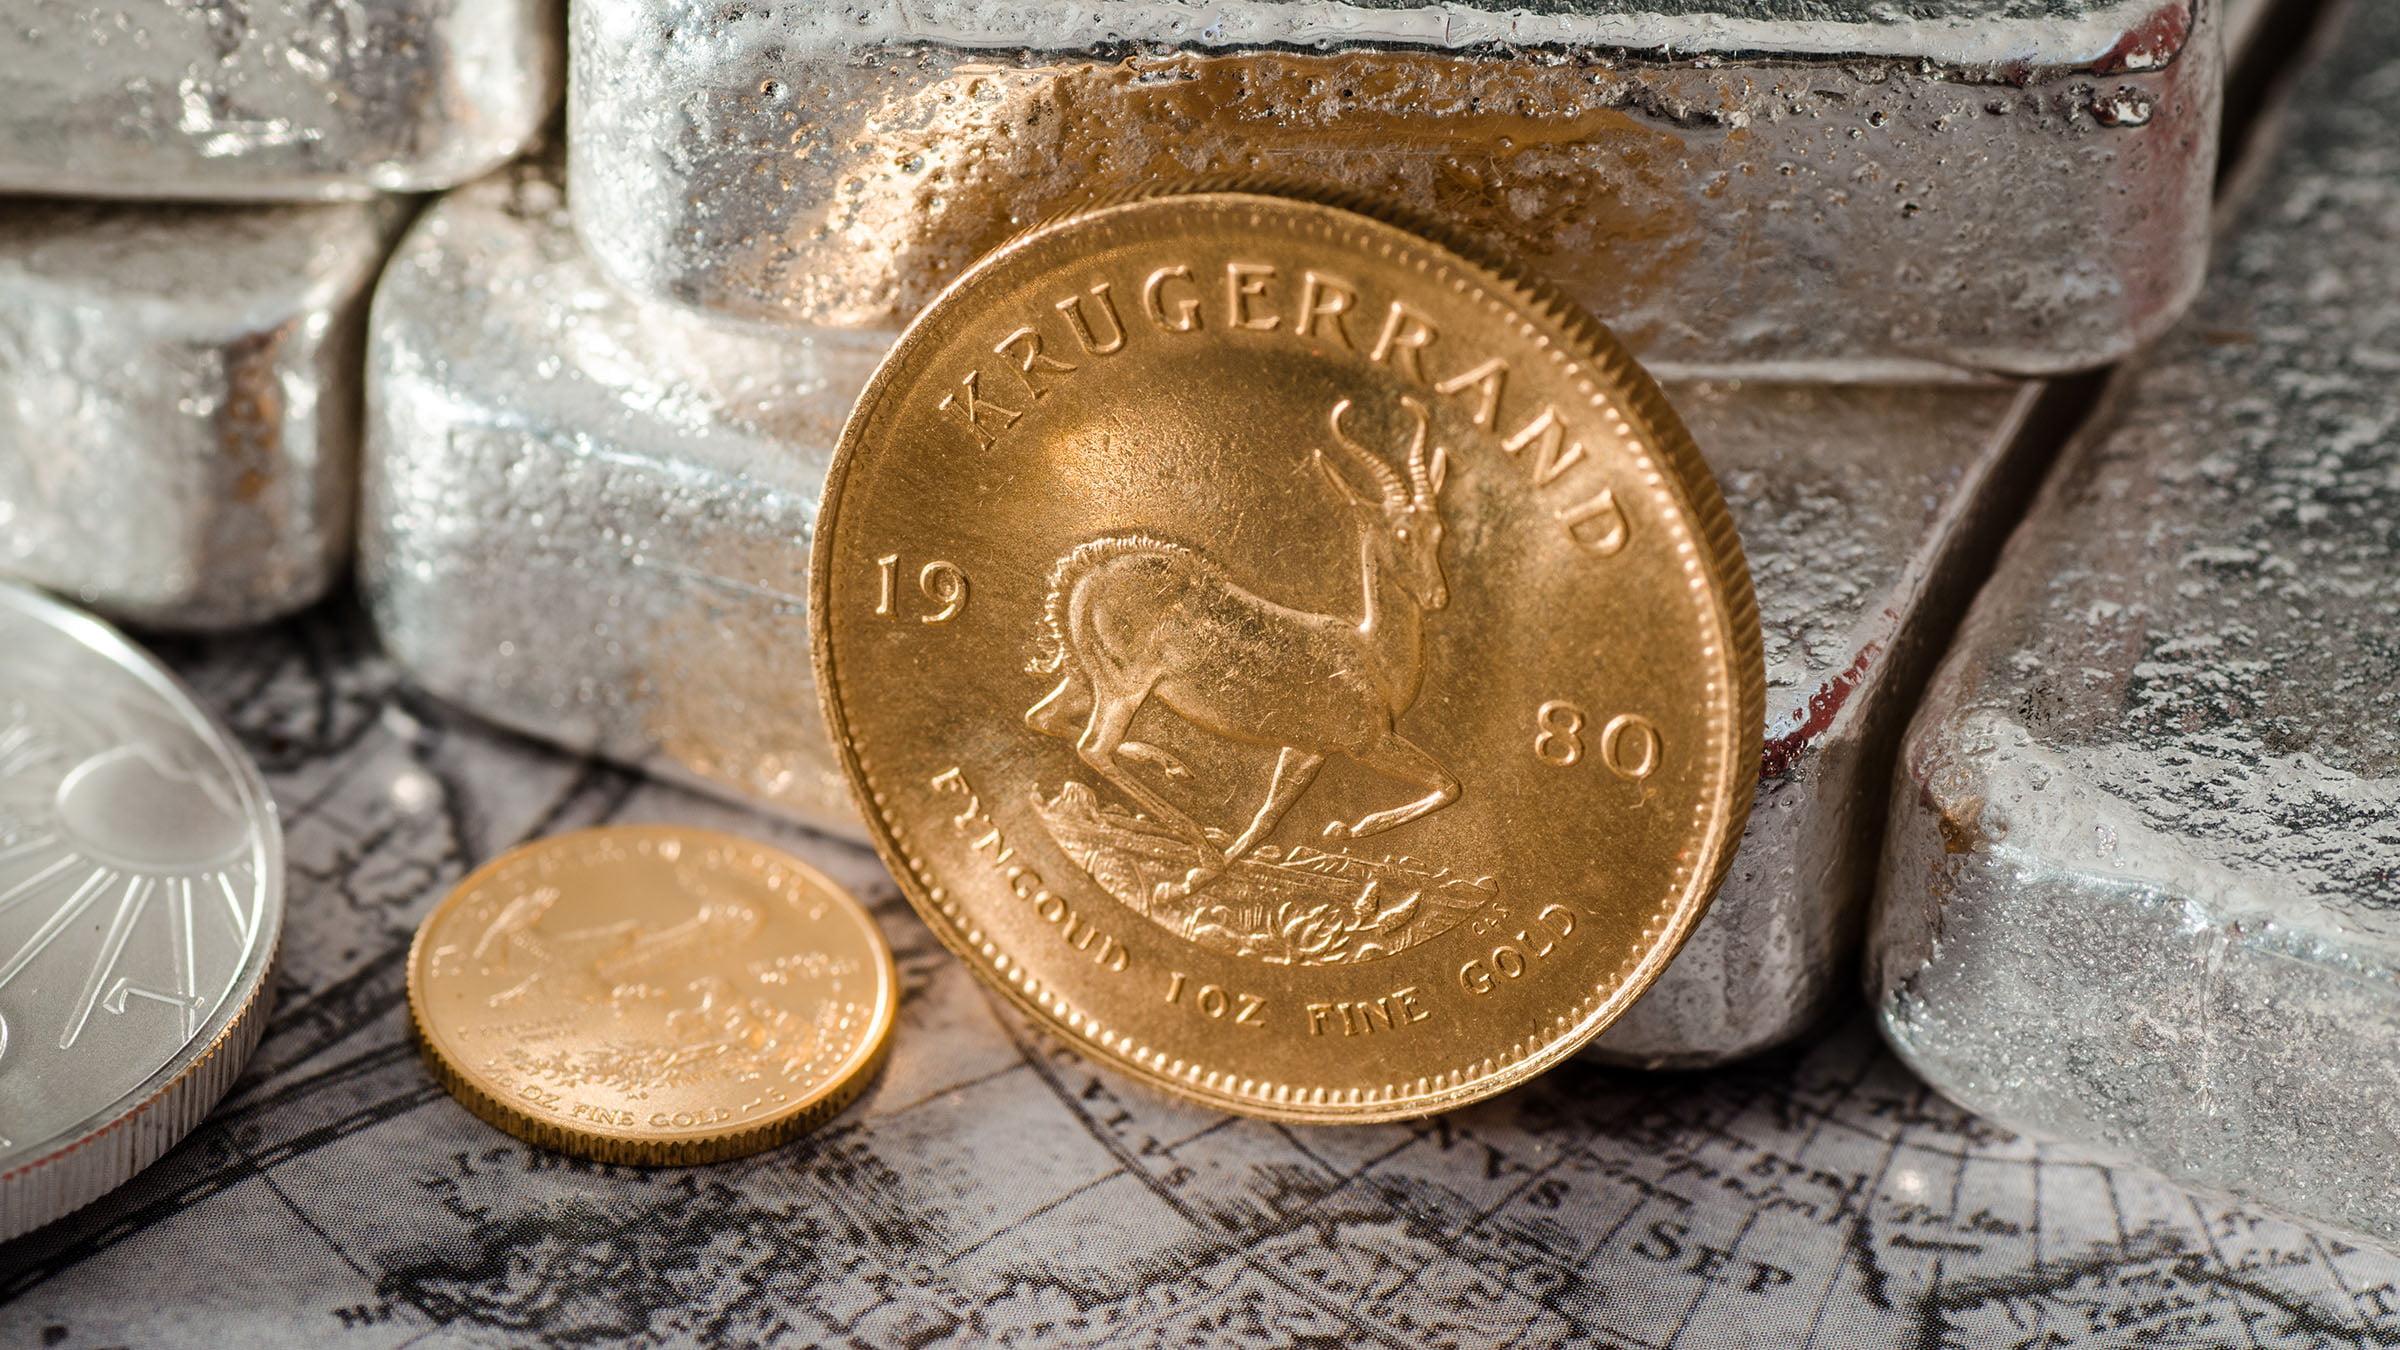 Moneda sud frica - Oficinas de cambio de moneda ...